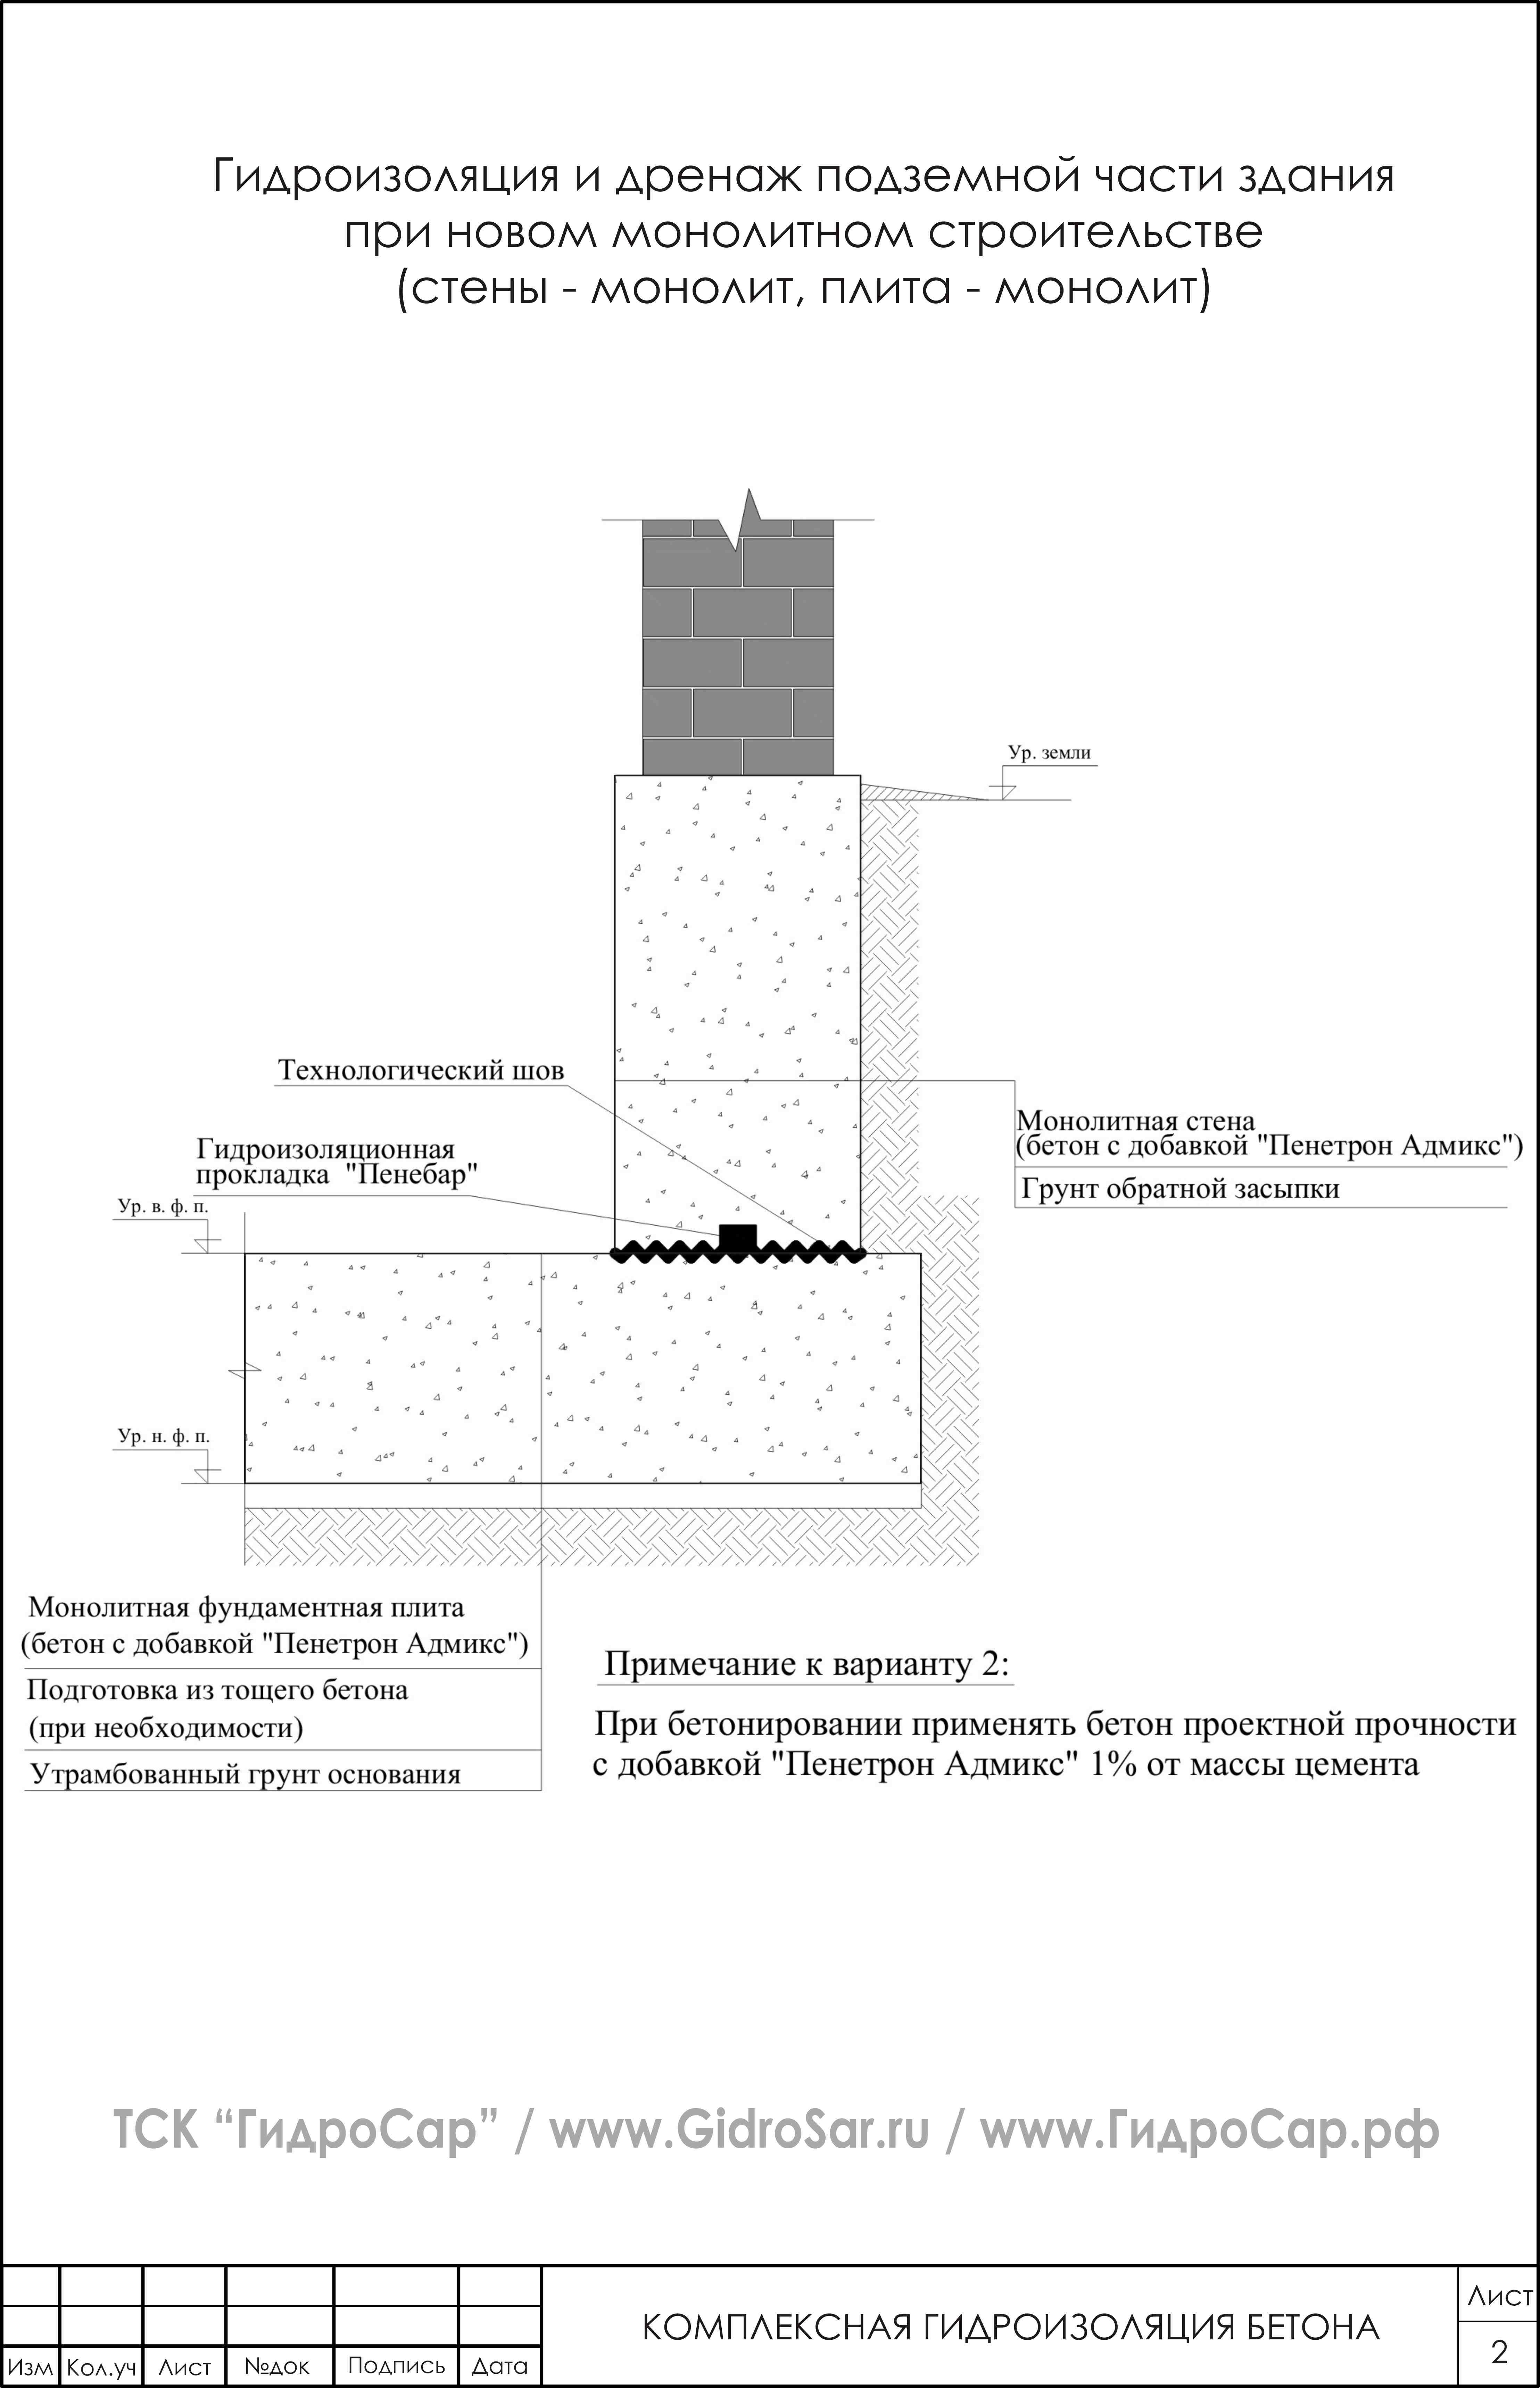 Гидроизоляция монолитного бетона на стадии строительства. Схема. Чертеж